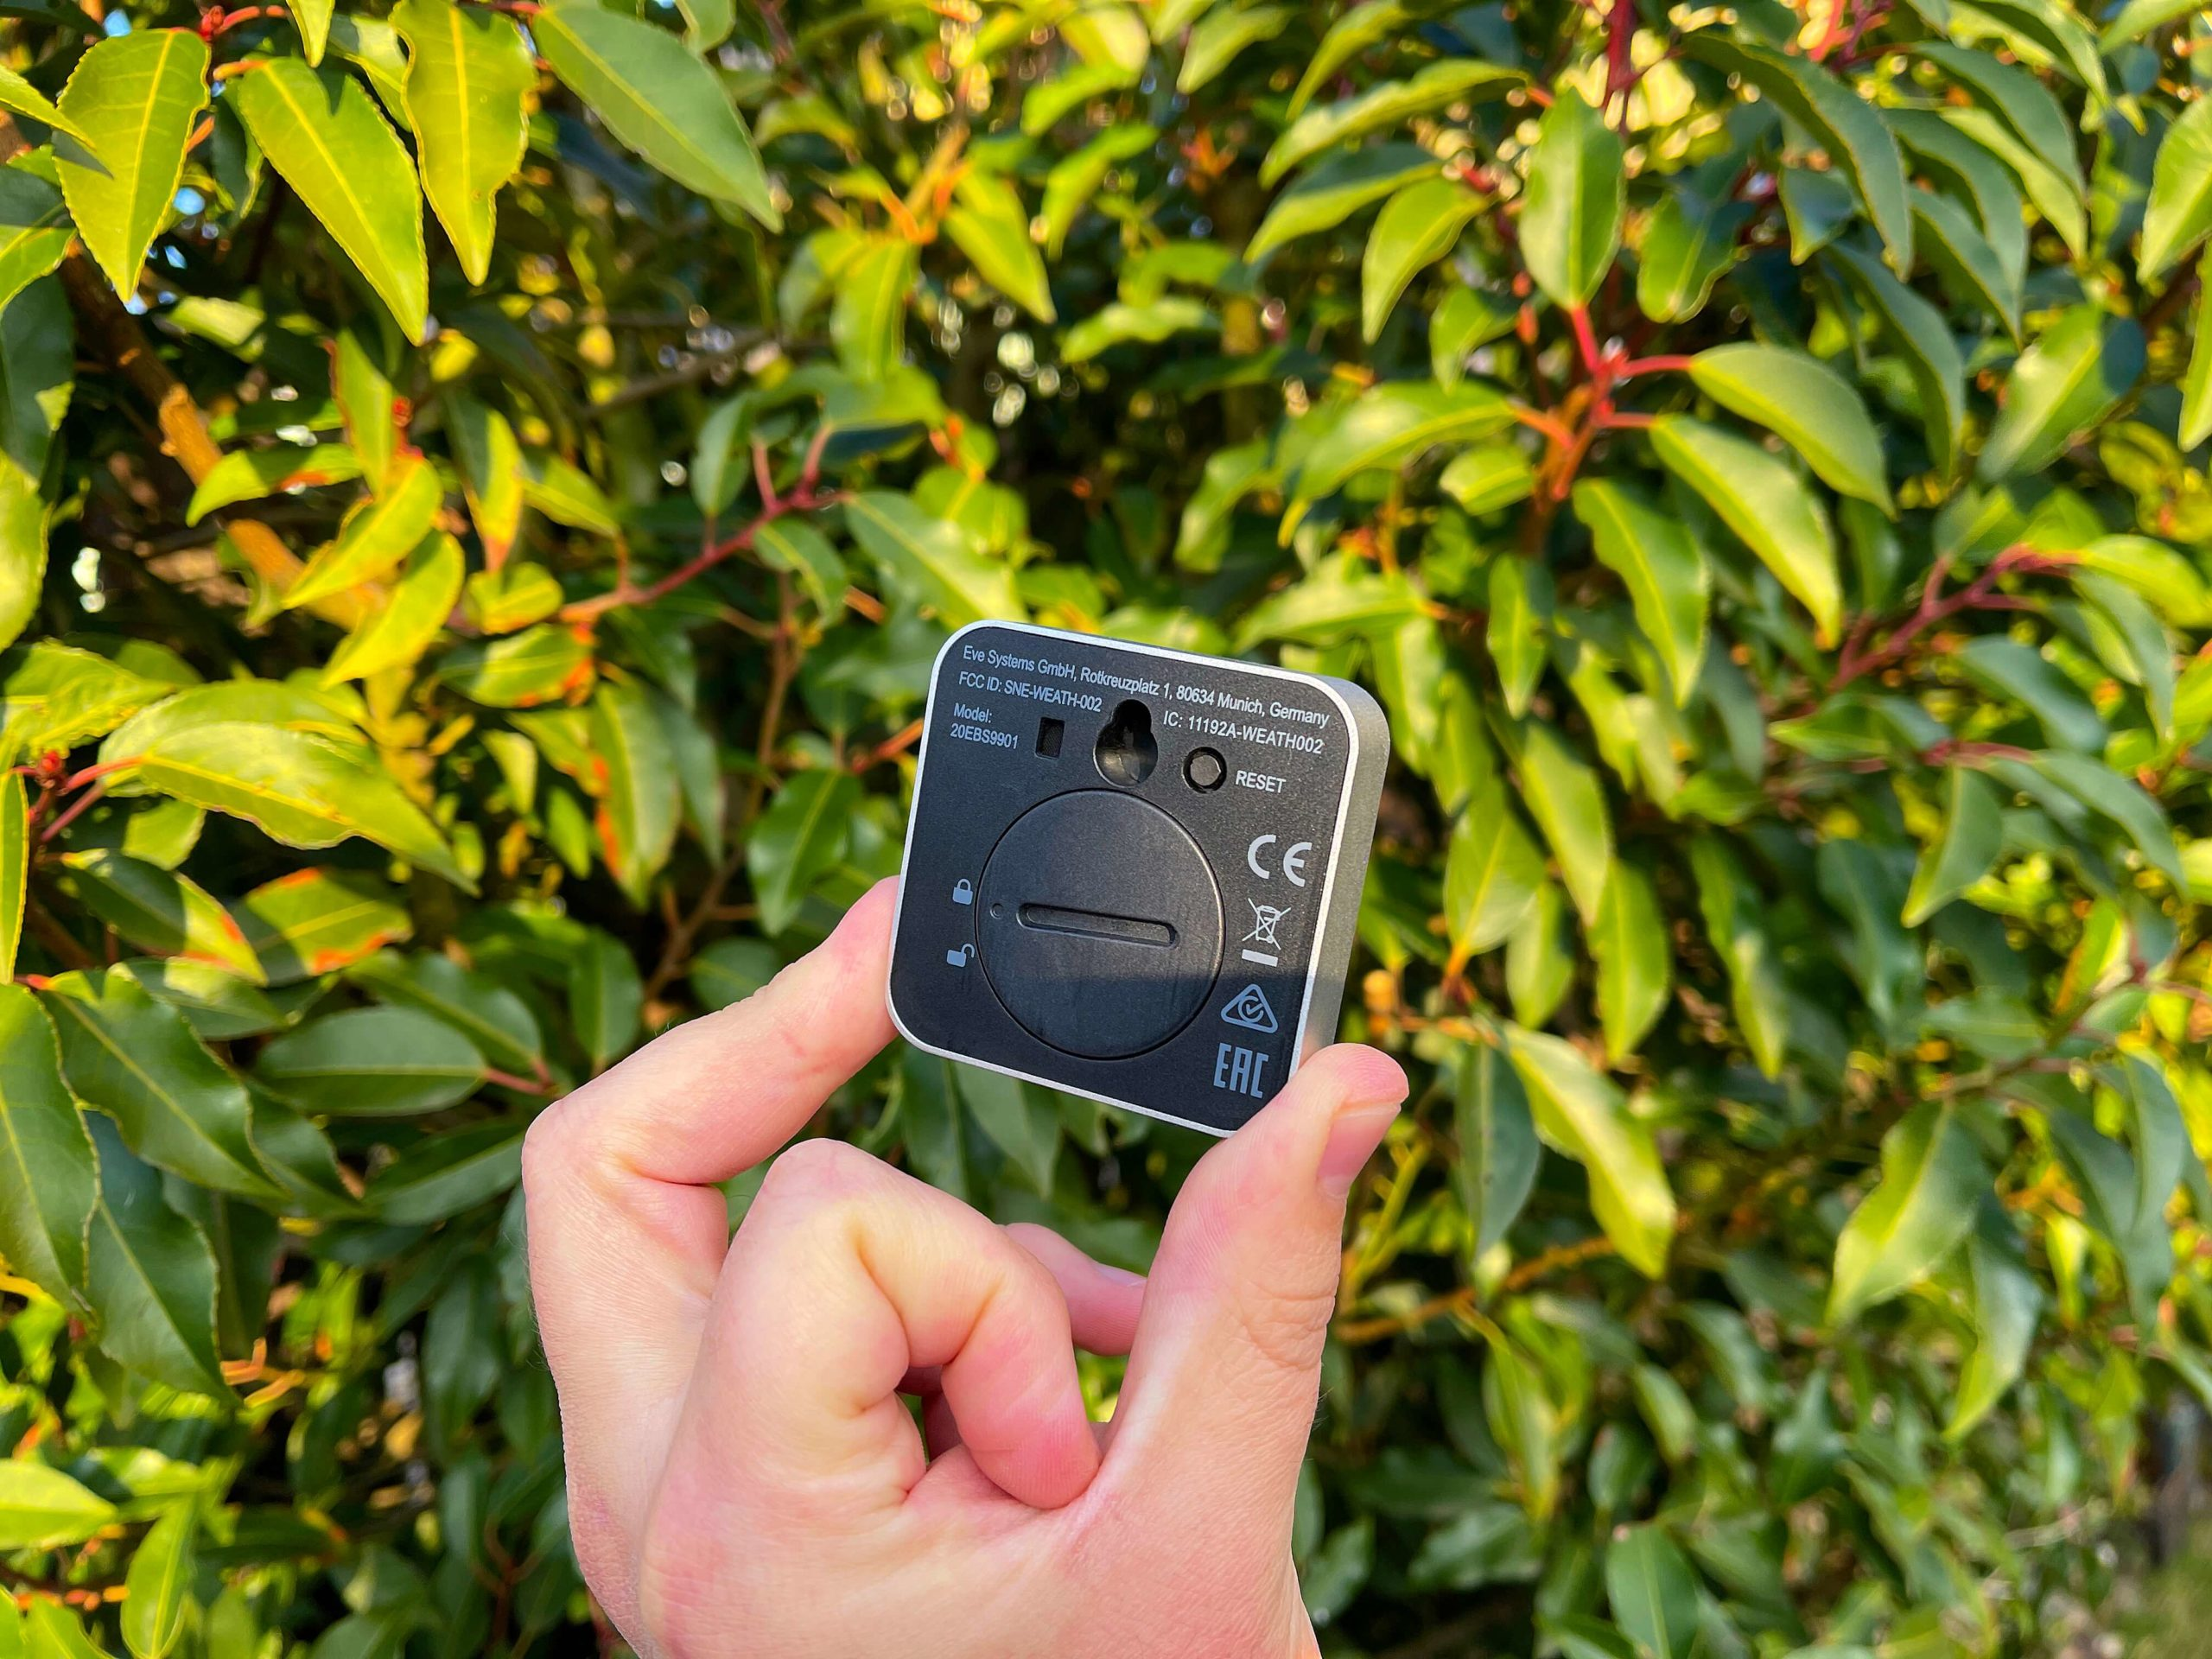 Eve-Weather-von-Eve-Apple-HomeKit-Wetterdaten-via-Thread-abrufen2-scaled Eve Weather von Eve - Apple HomeKit Wetterdaten via Thread abrufen